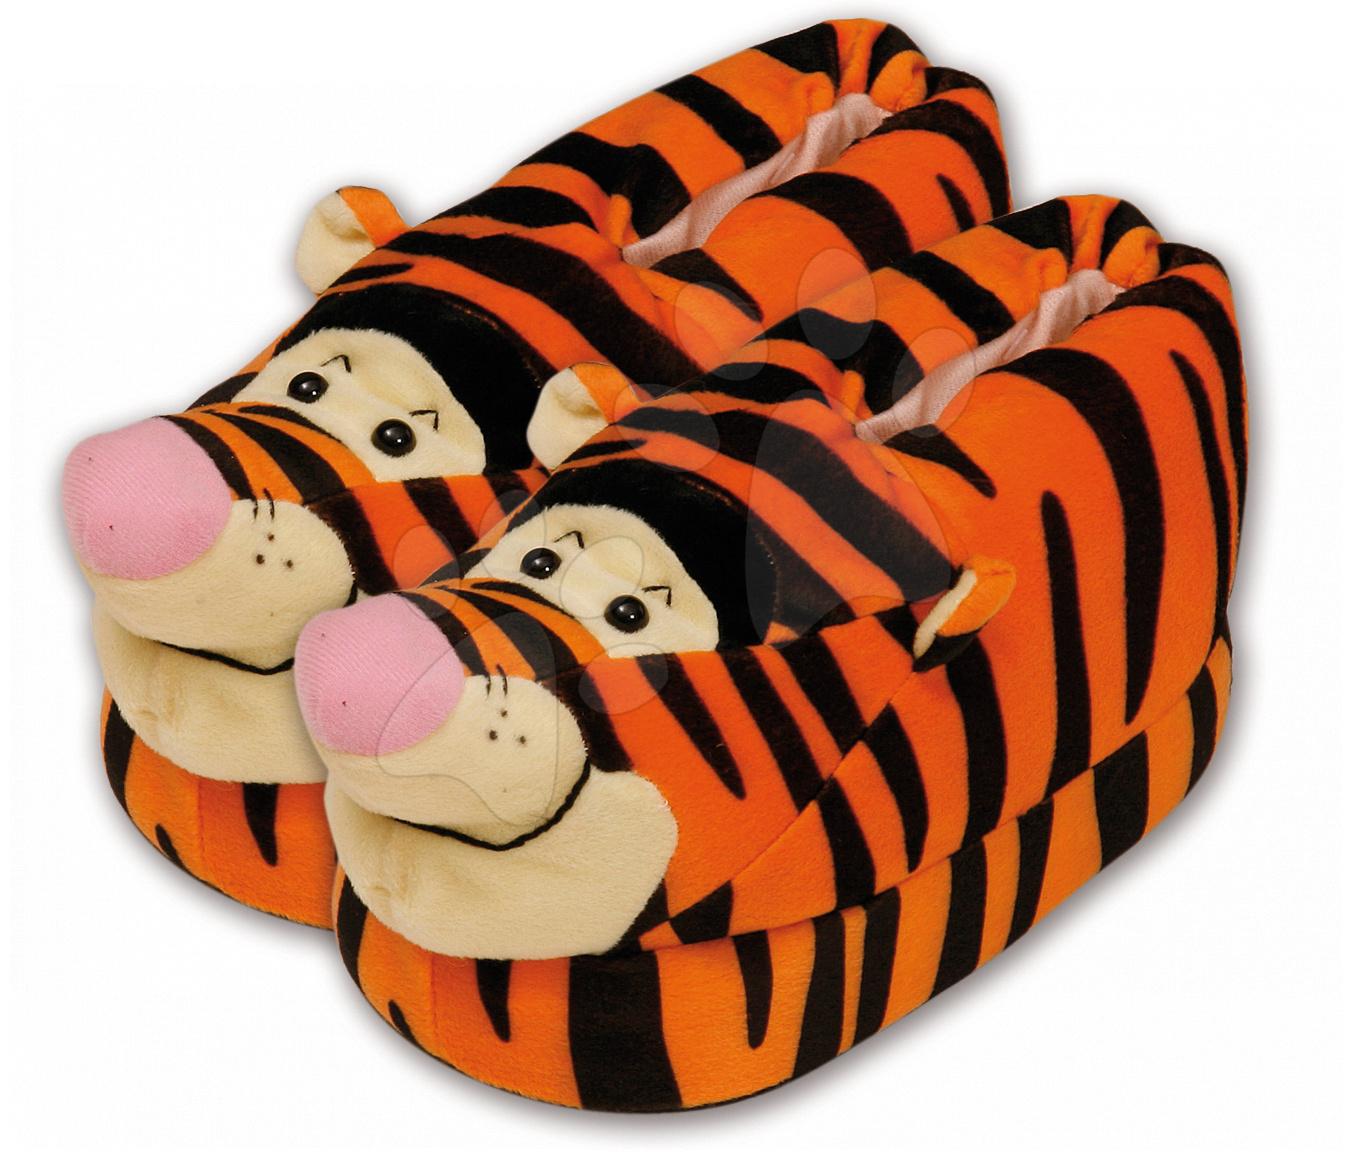 Staré položky - Plyšové papuče Macko Pooh - Tiger Ilanit veľkosť 33-36, 25-28